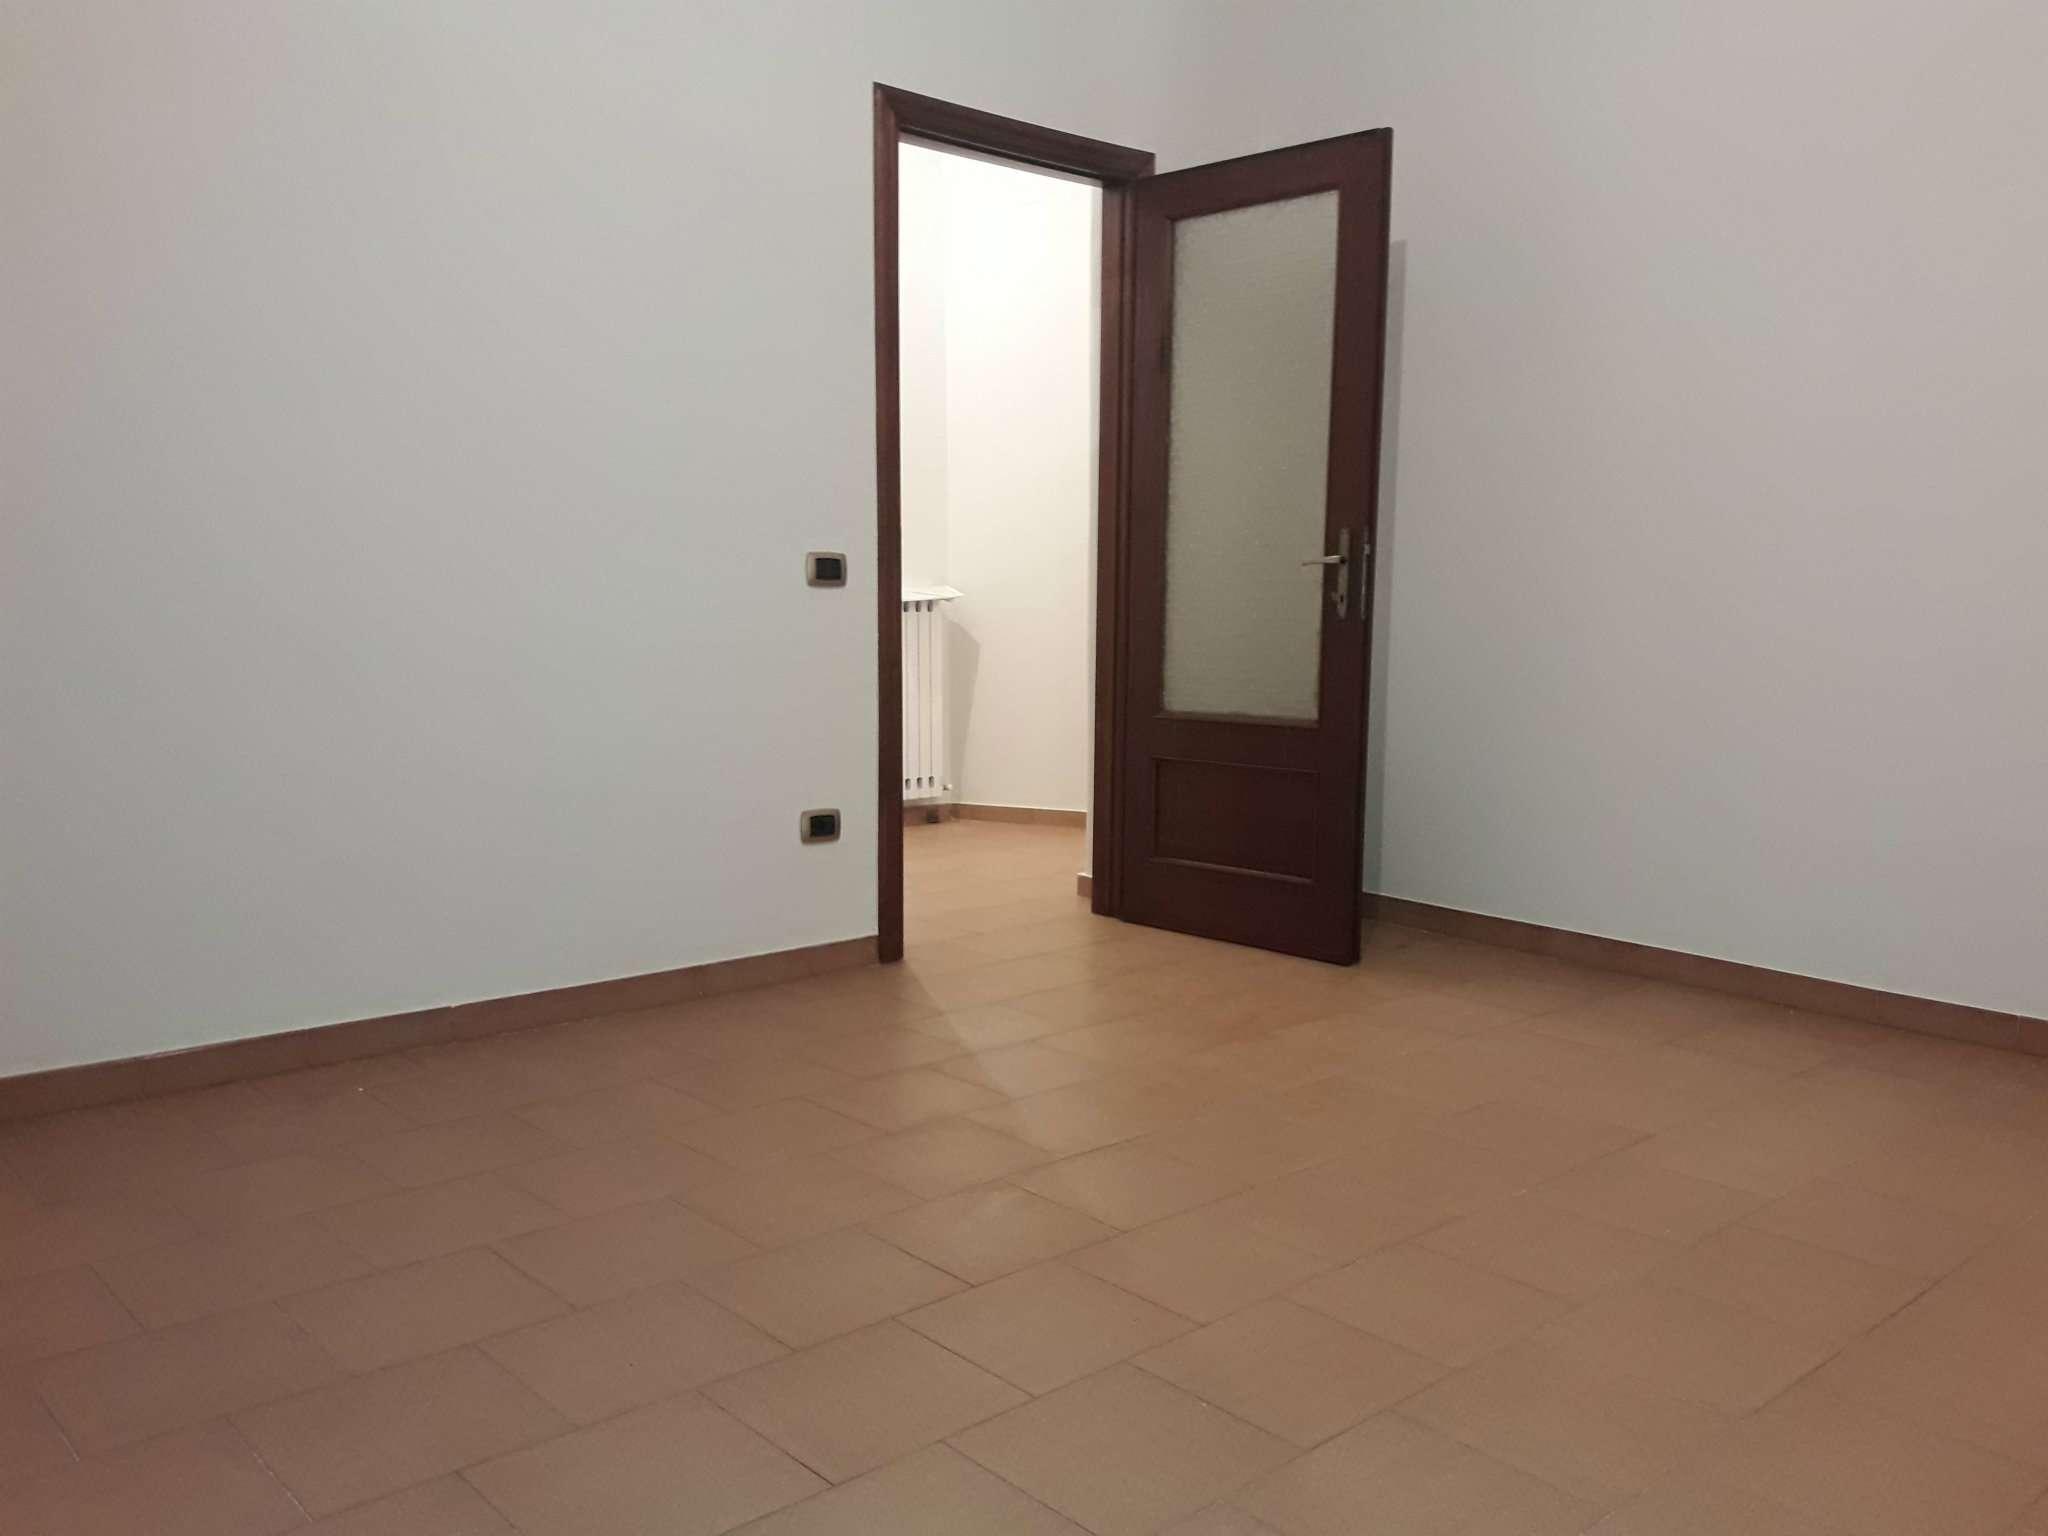 Appartamento in affitto a San Vitaliano, 2 locali, prezzo € 400 | CambioCasa.it